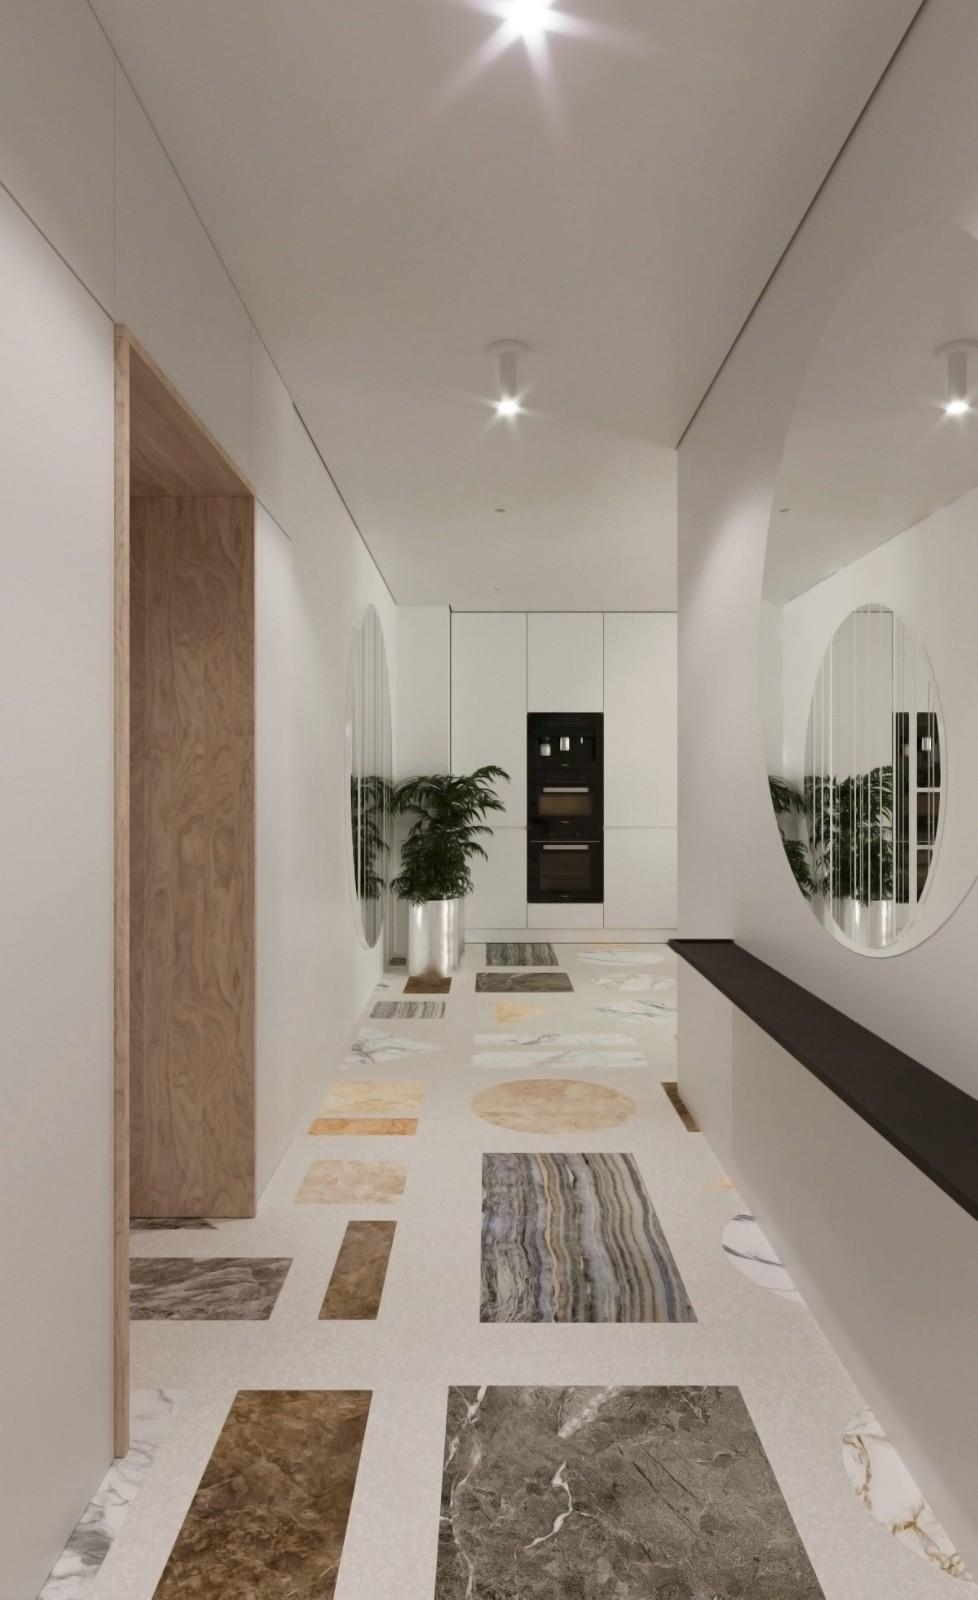 极简风格公寓过道装修效果图